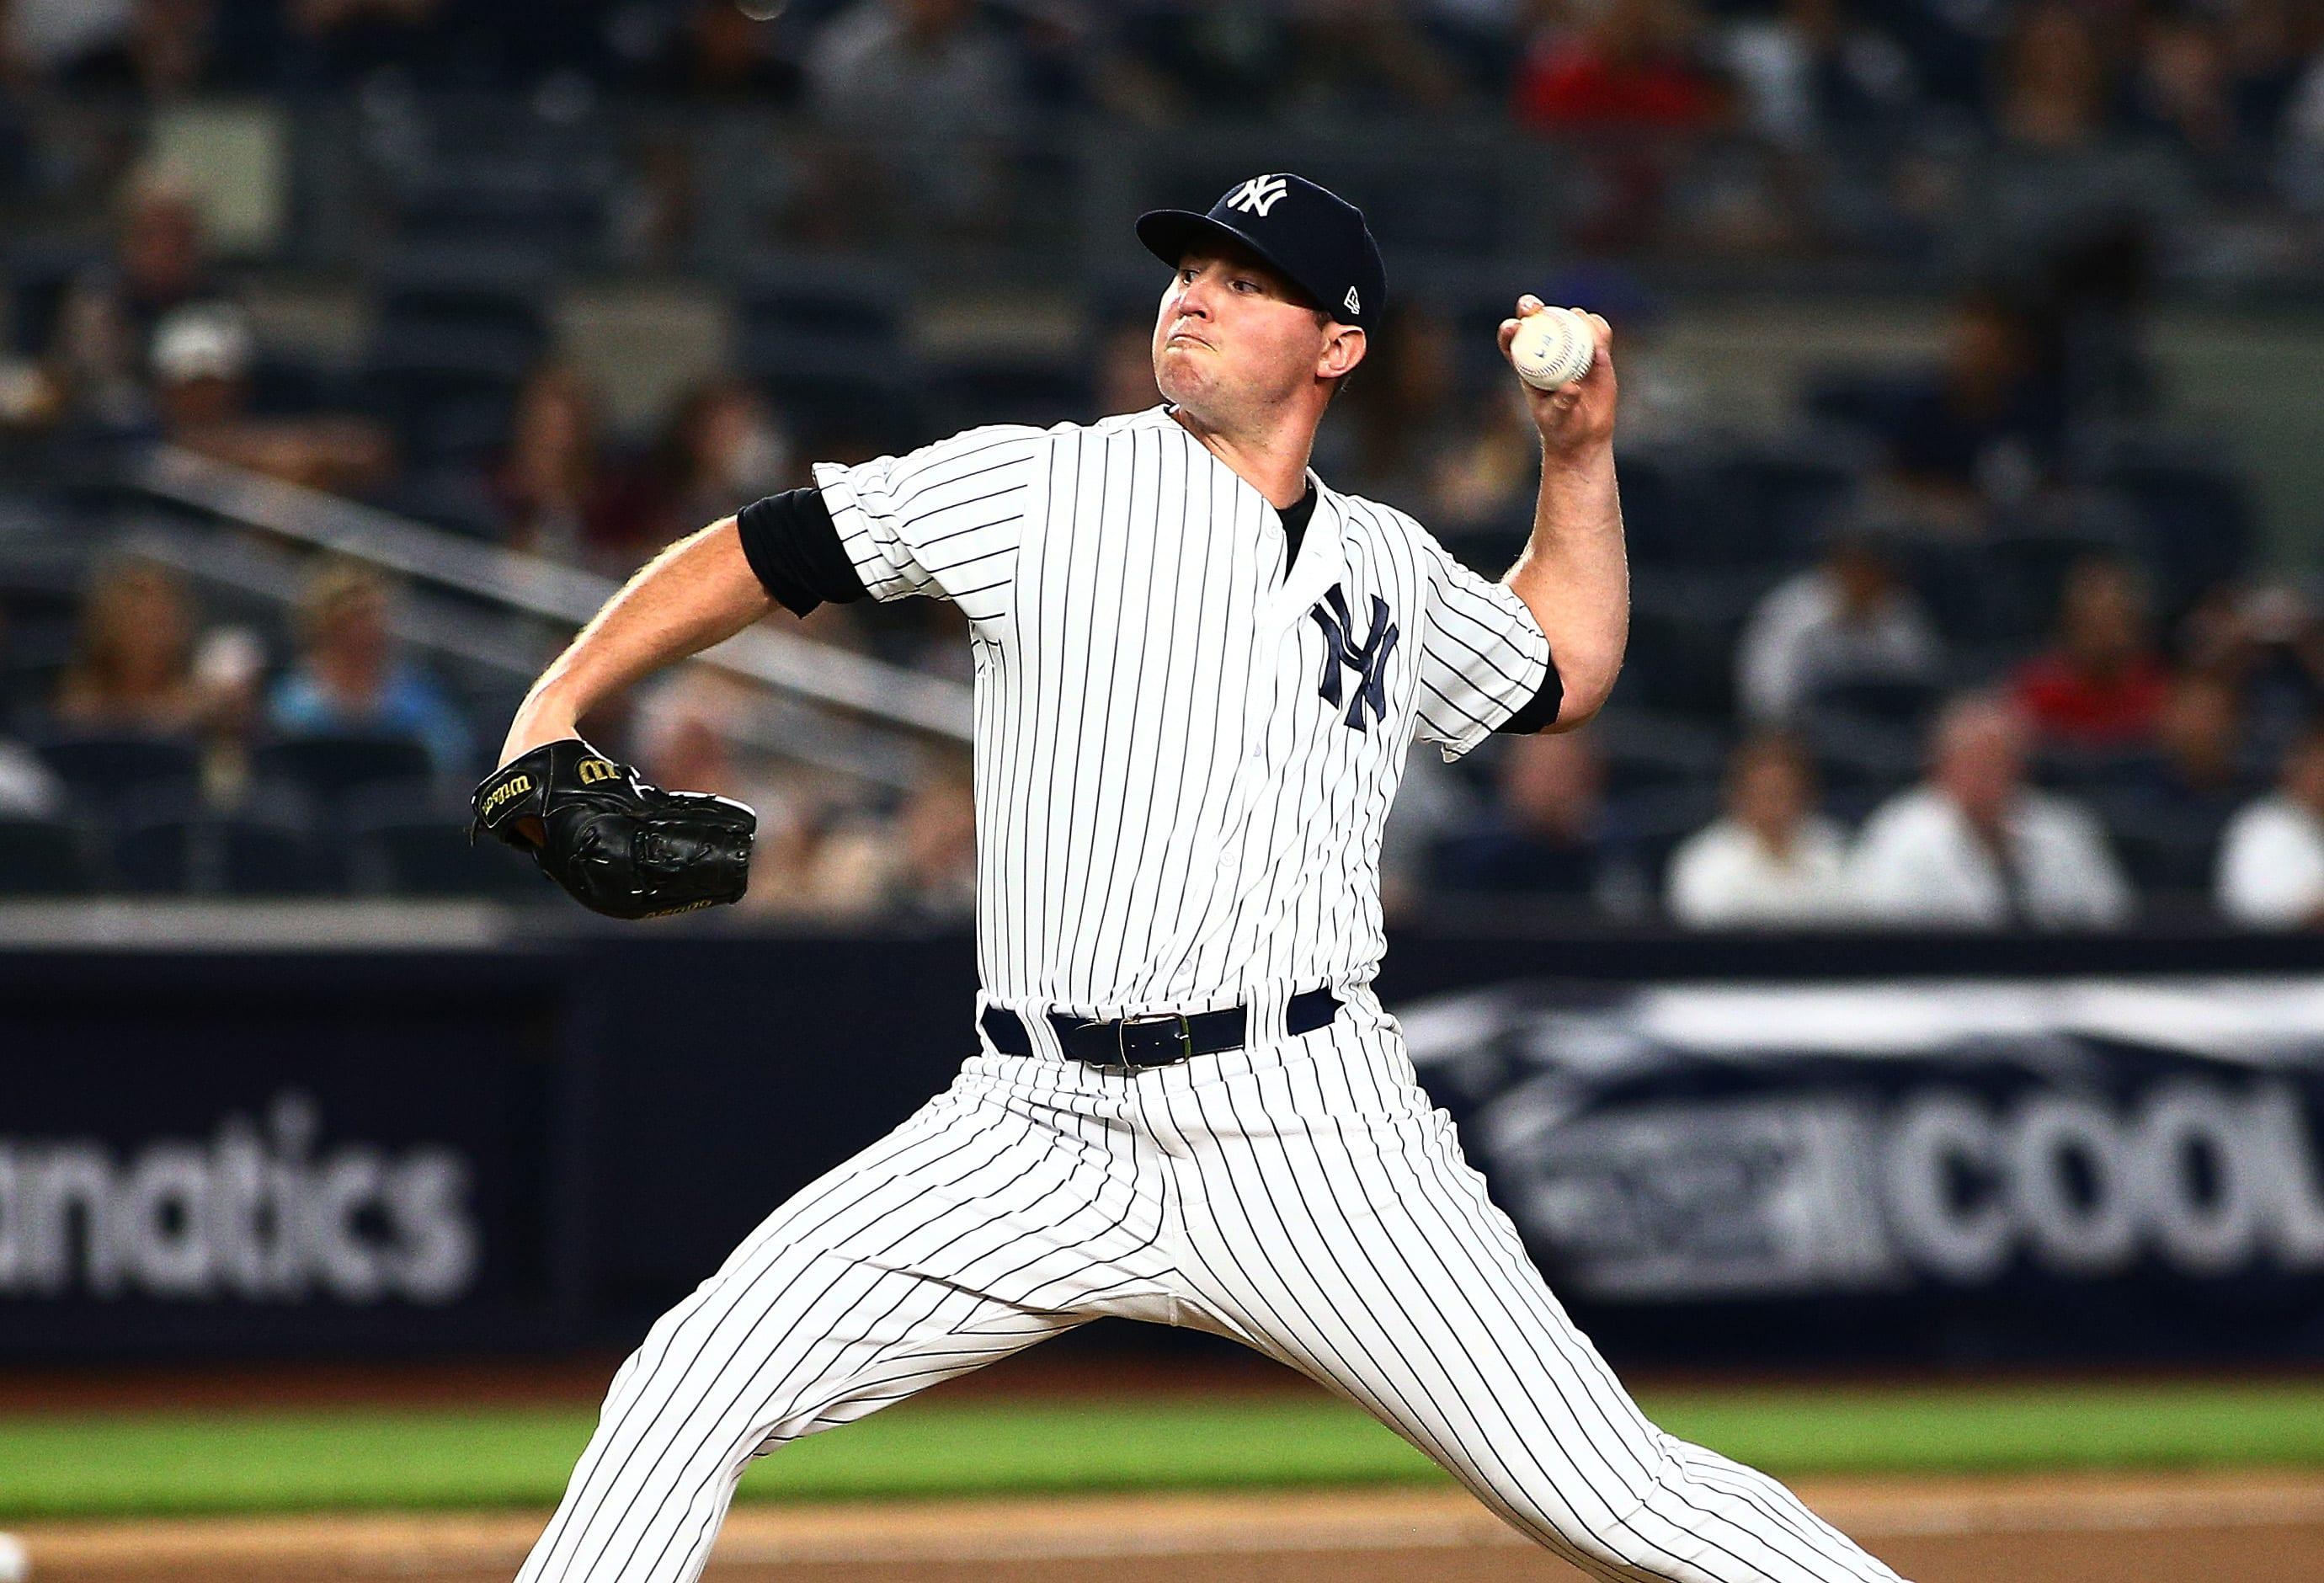 New York Yankees, Zach Britton